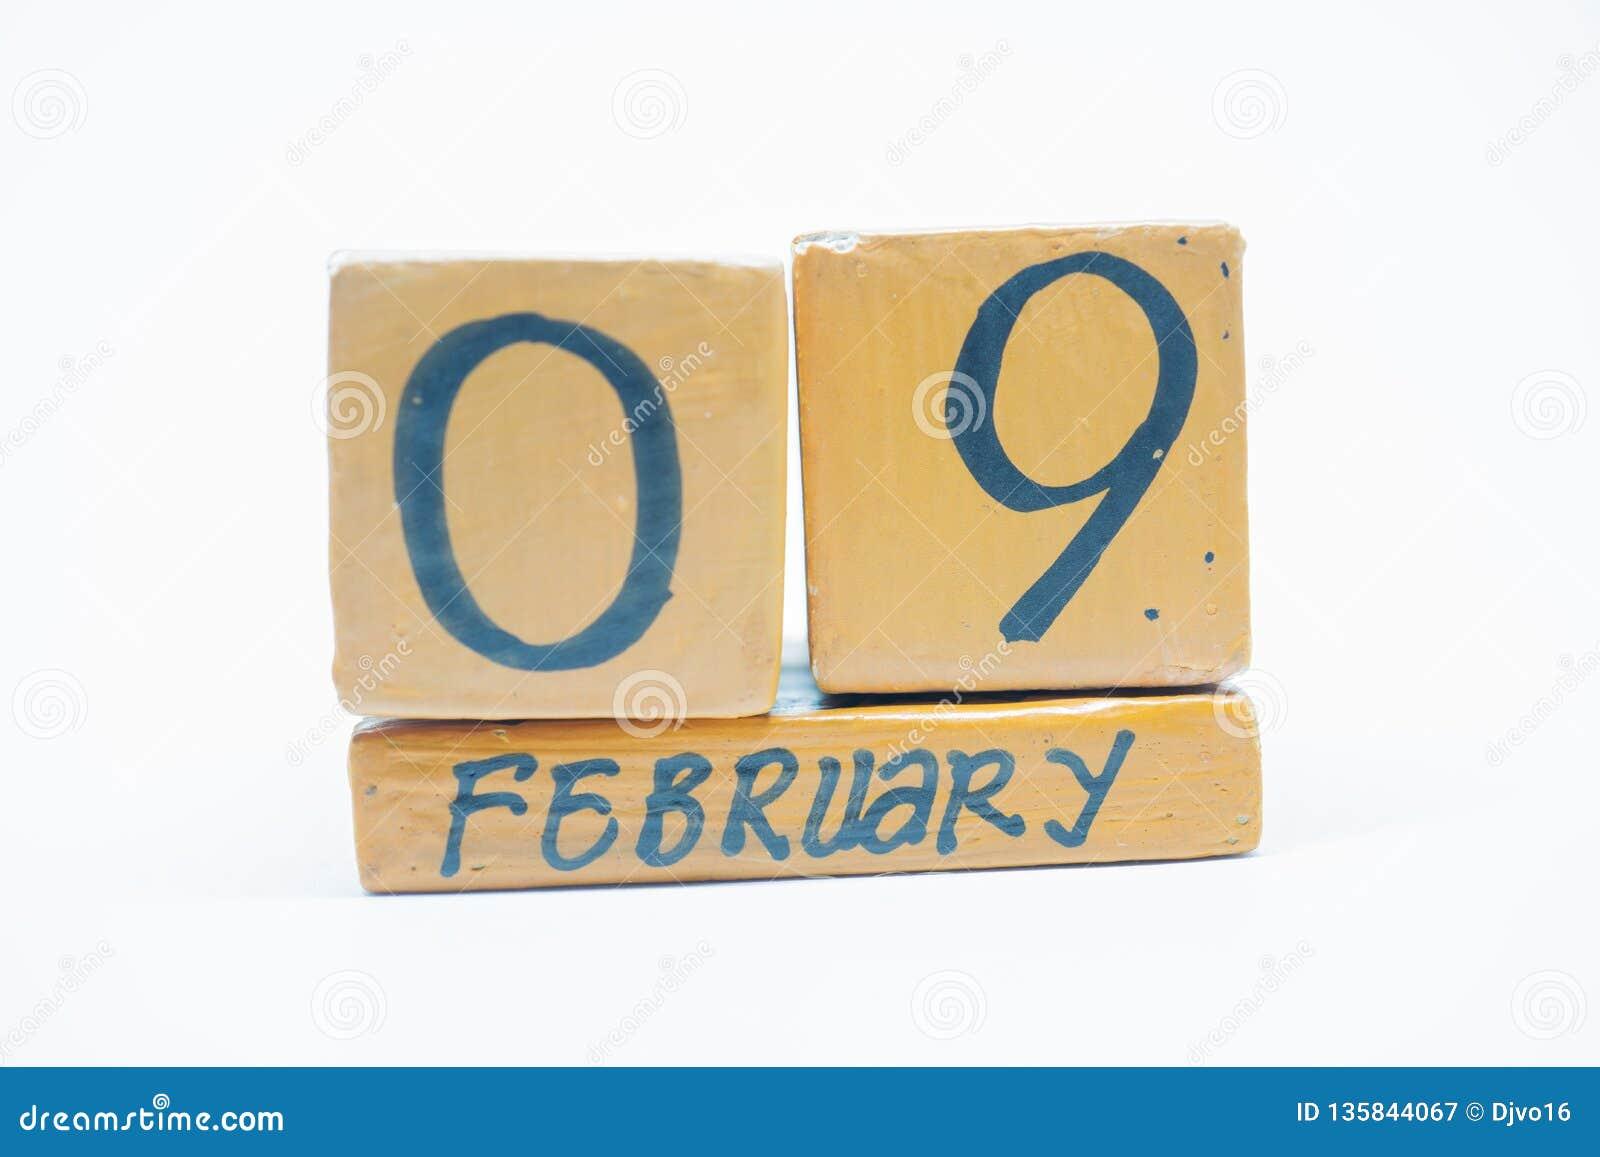 9 Φεβρουαρίου Ημέρα 9 του μήνα, χειροποίητο ξύλινο ημερολόγιο που απομονώνεται στο άσπρο υπόβαθρο Χειμωνιάτικος μήνας, ημέρα της